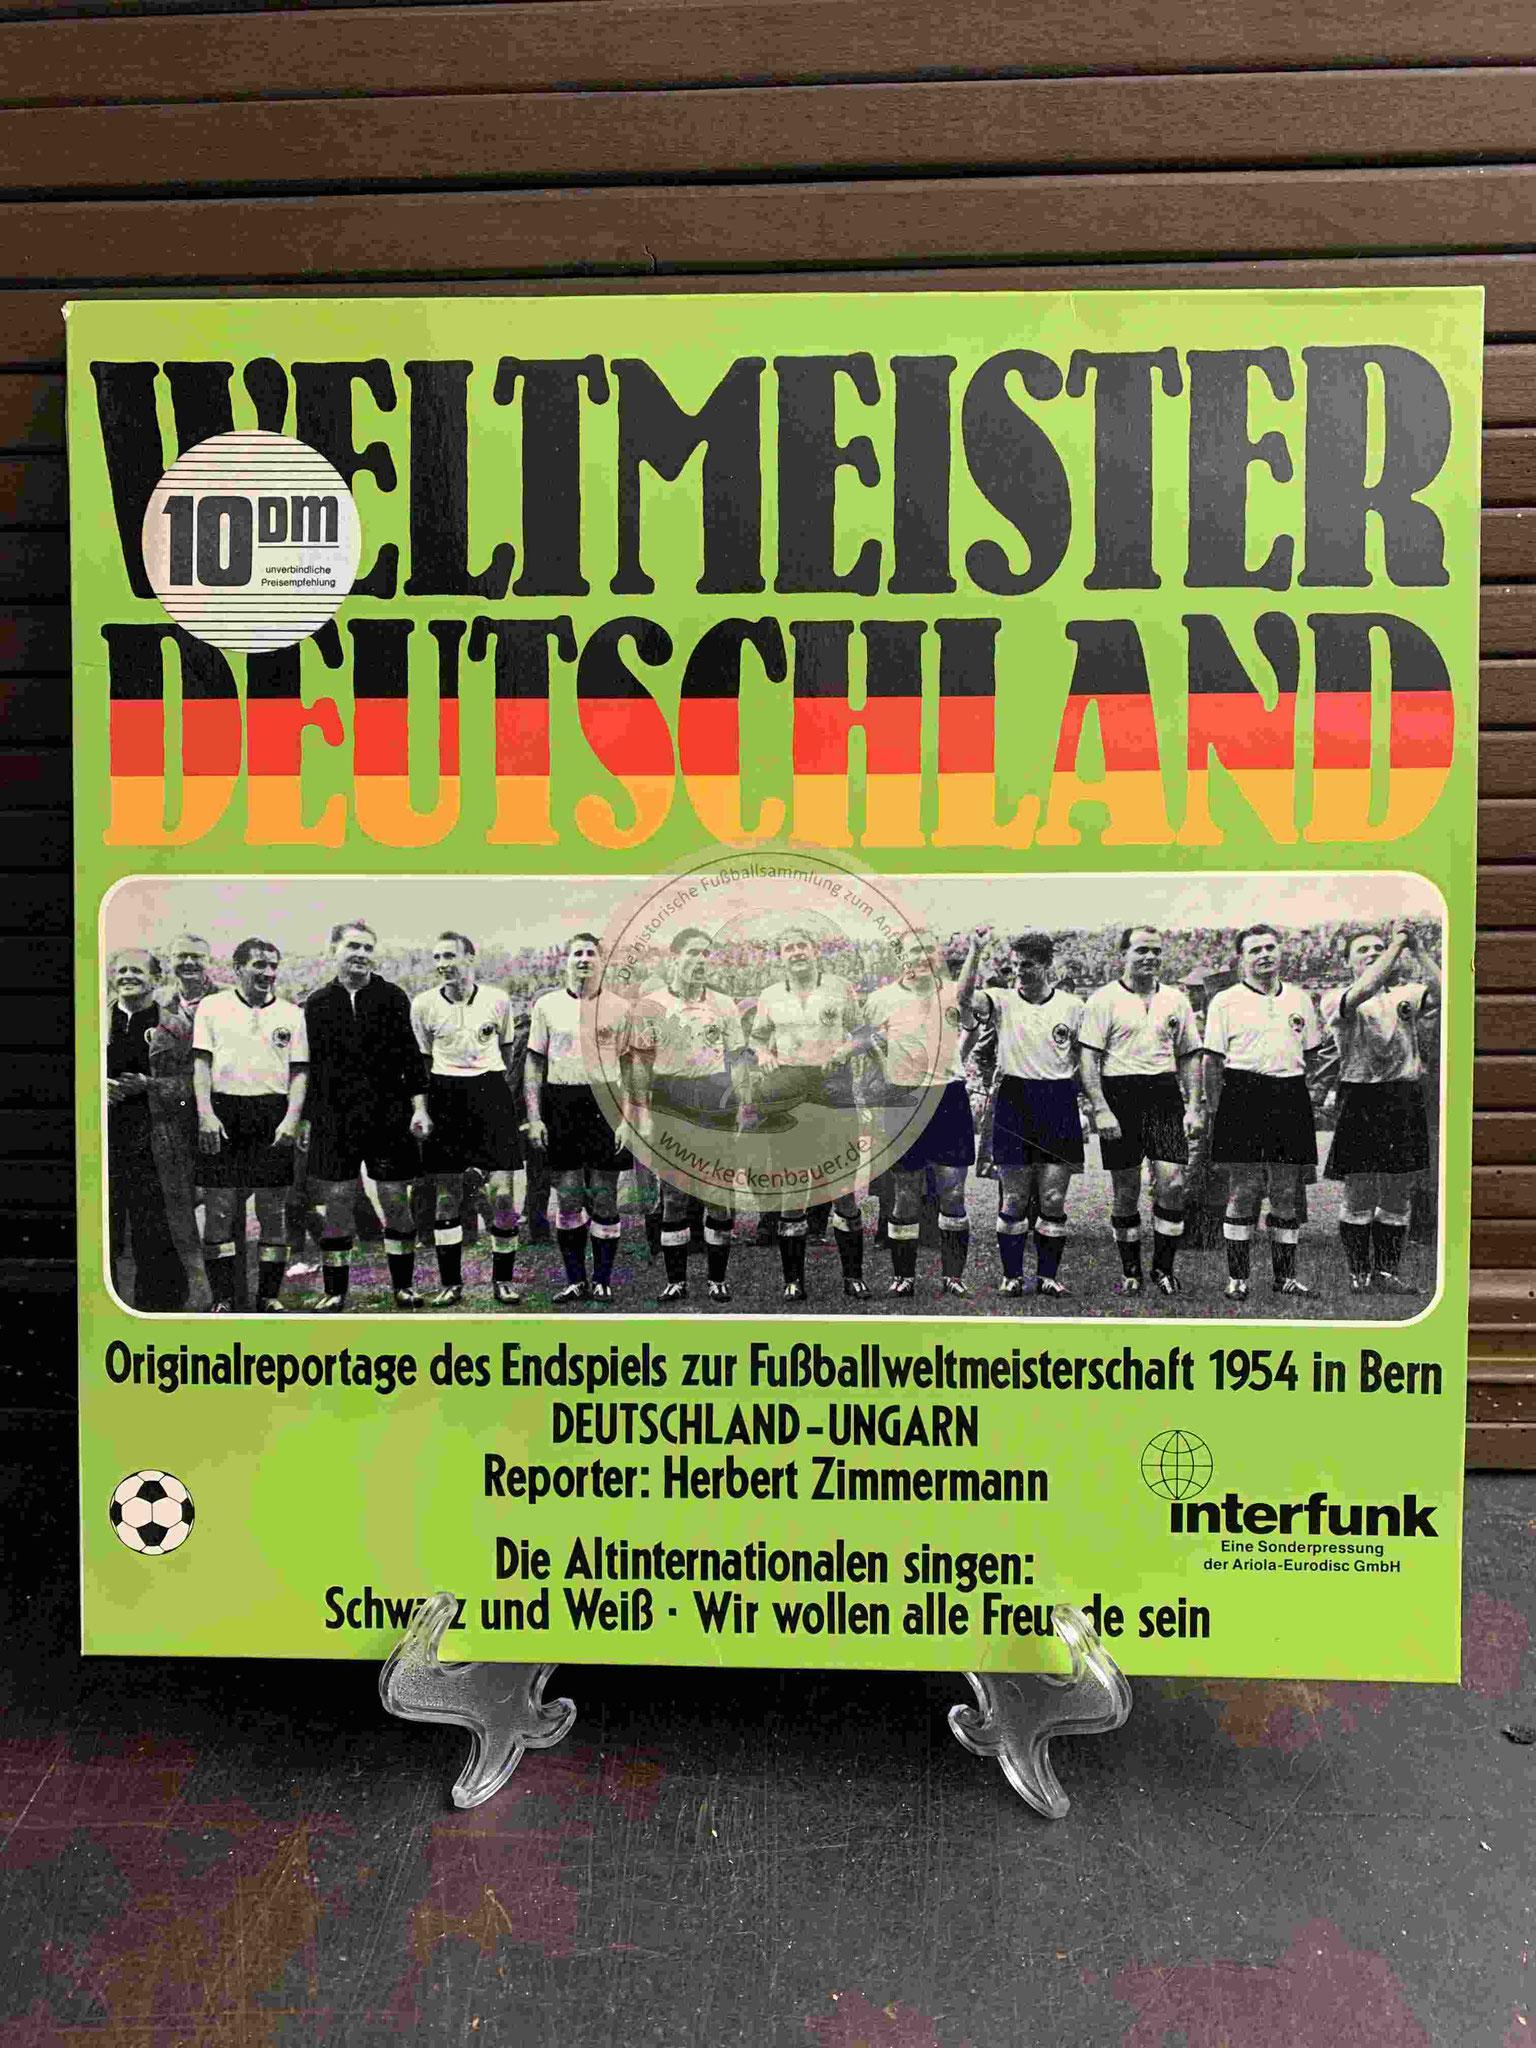 1974 Weltmeister Deutschland Originalreportage des Endspiels zur Fußballweltmeisterschaft 1954 in Bern